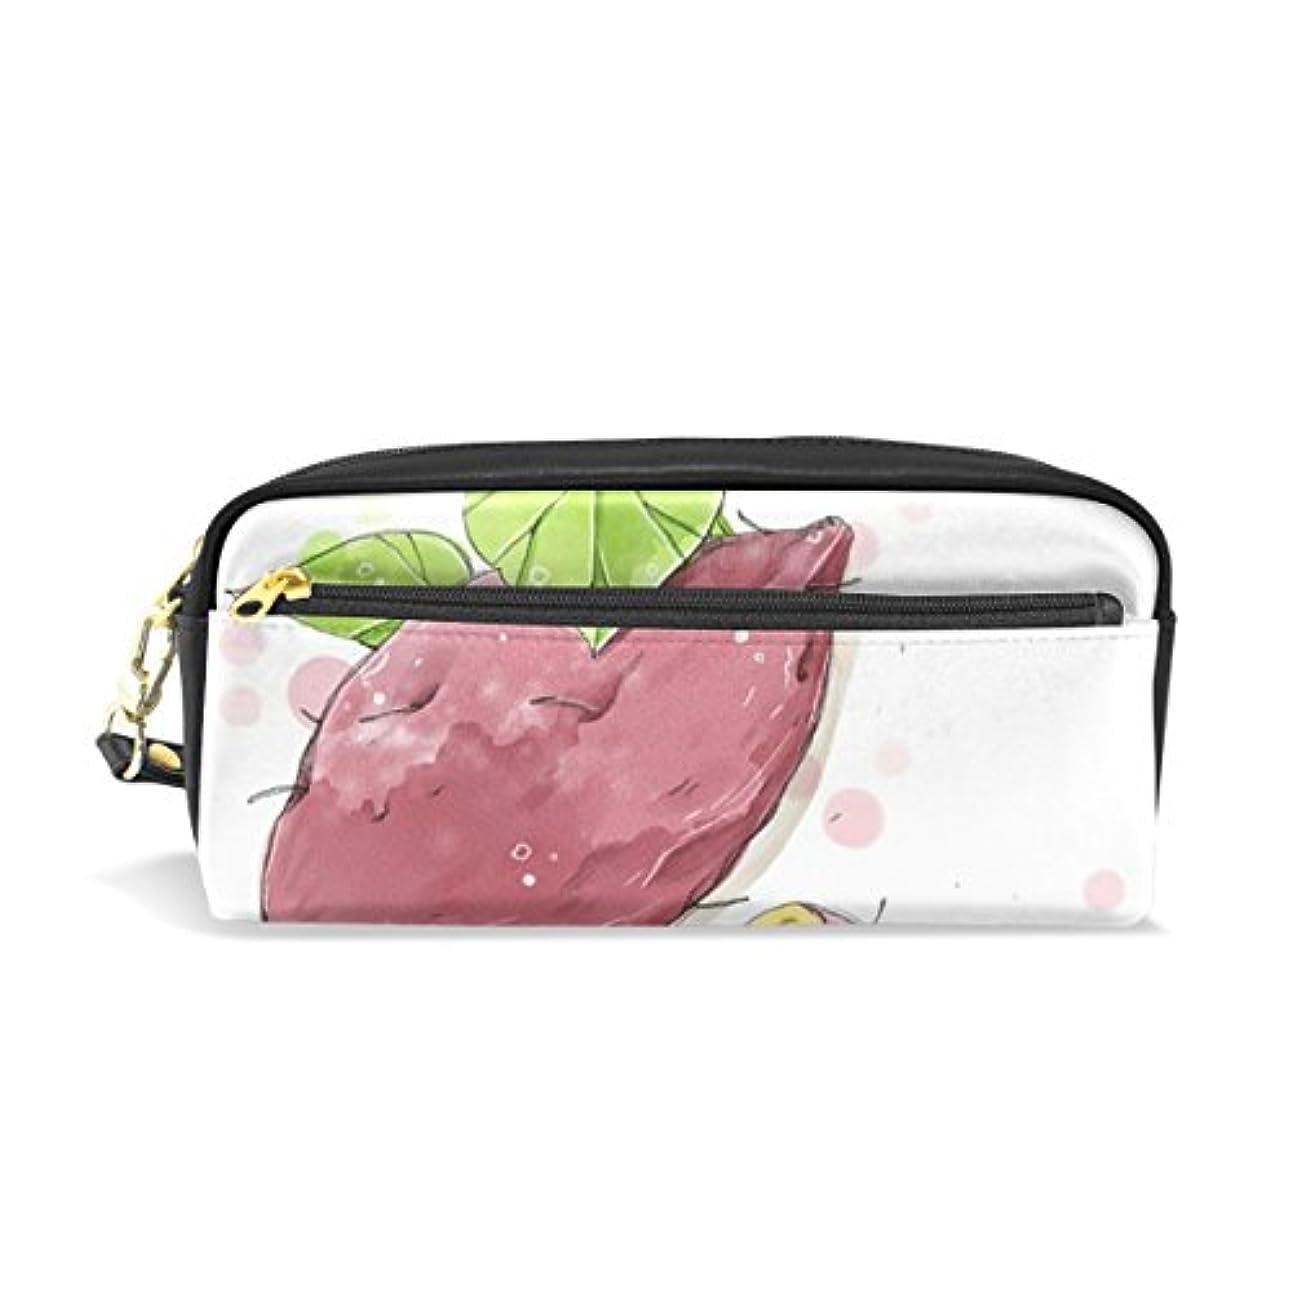 ゴネリルペインインスタントAOMOKI ペンケース 化粧ポーチ 小物入り 多機能バッグ レディース サツマイモ ブラック